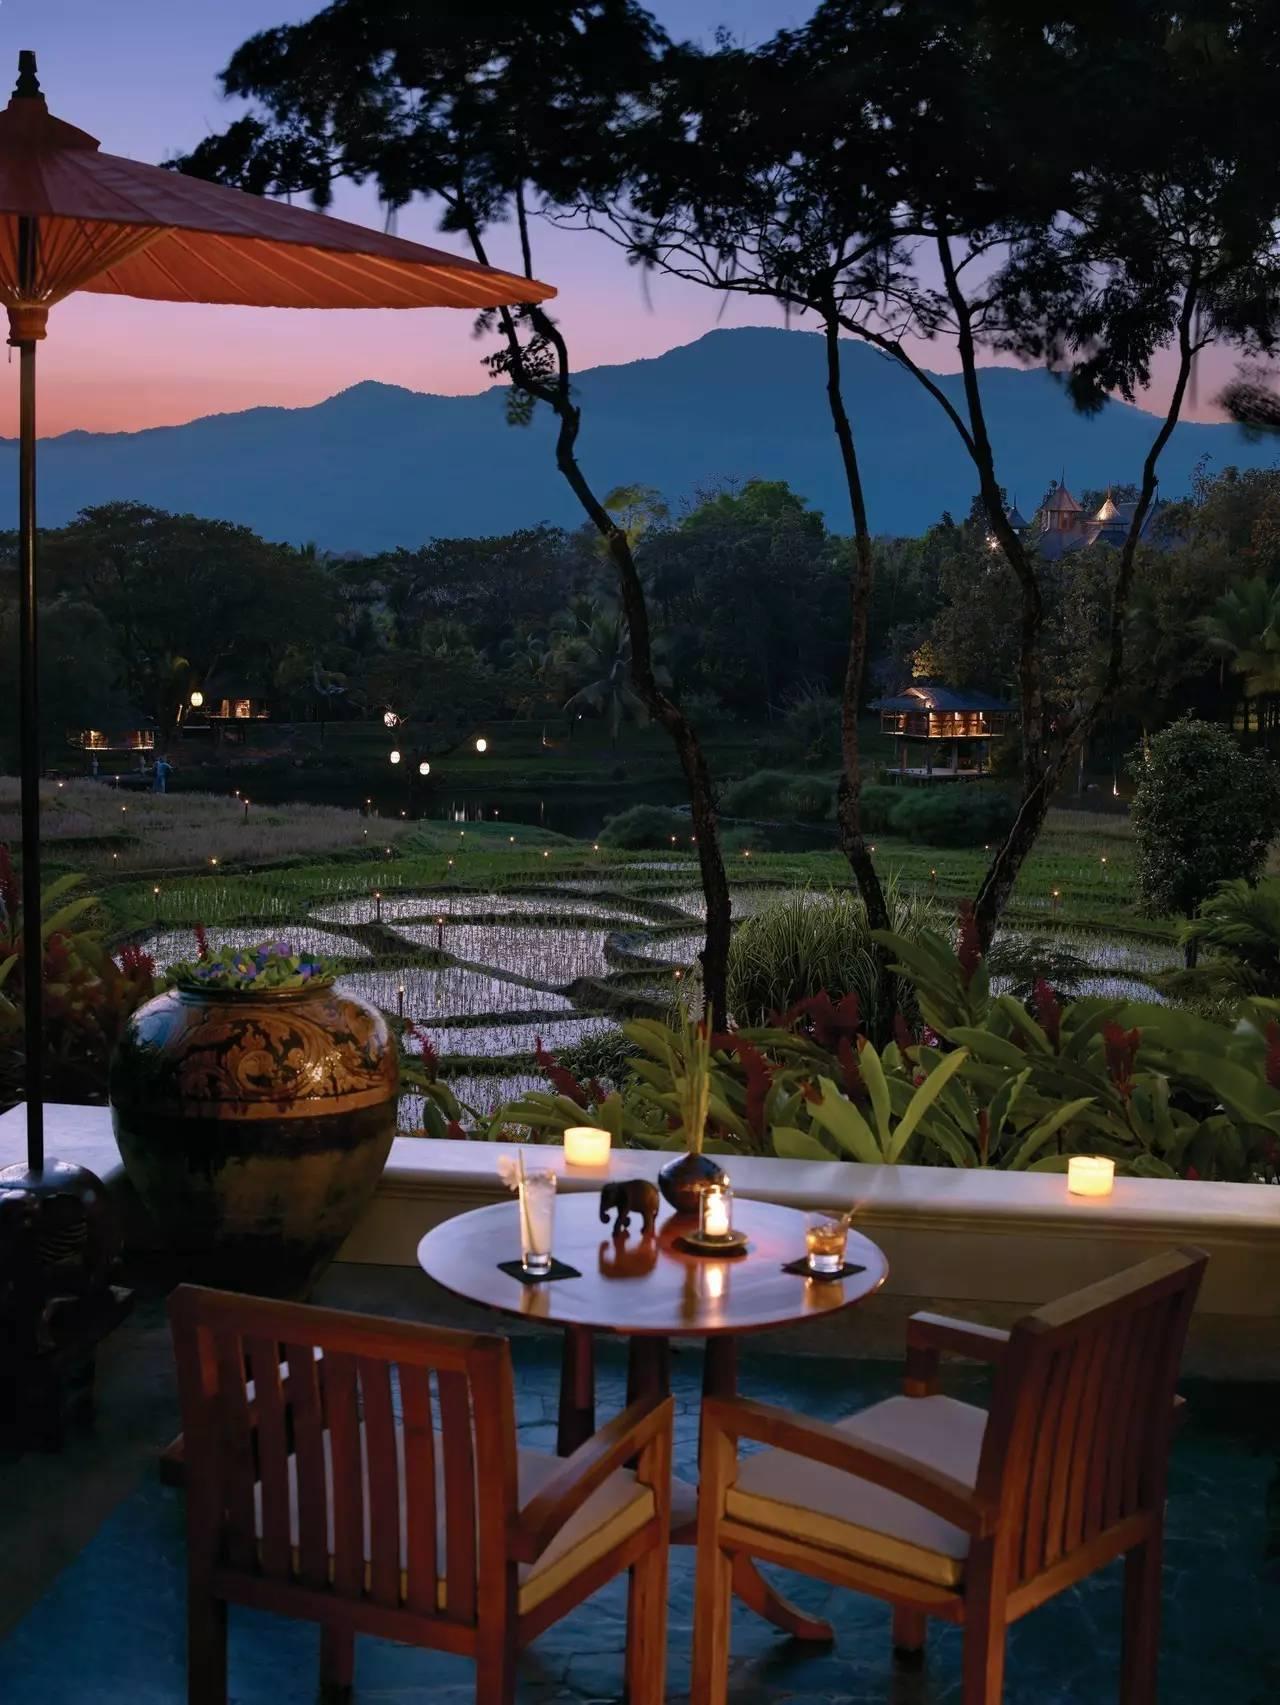 酒店︱静居山林,静下心来与自然亲密